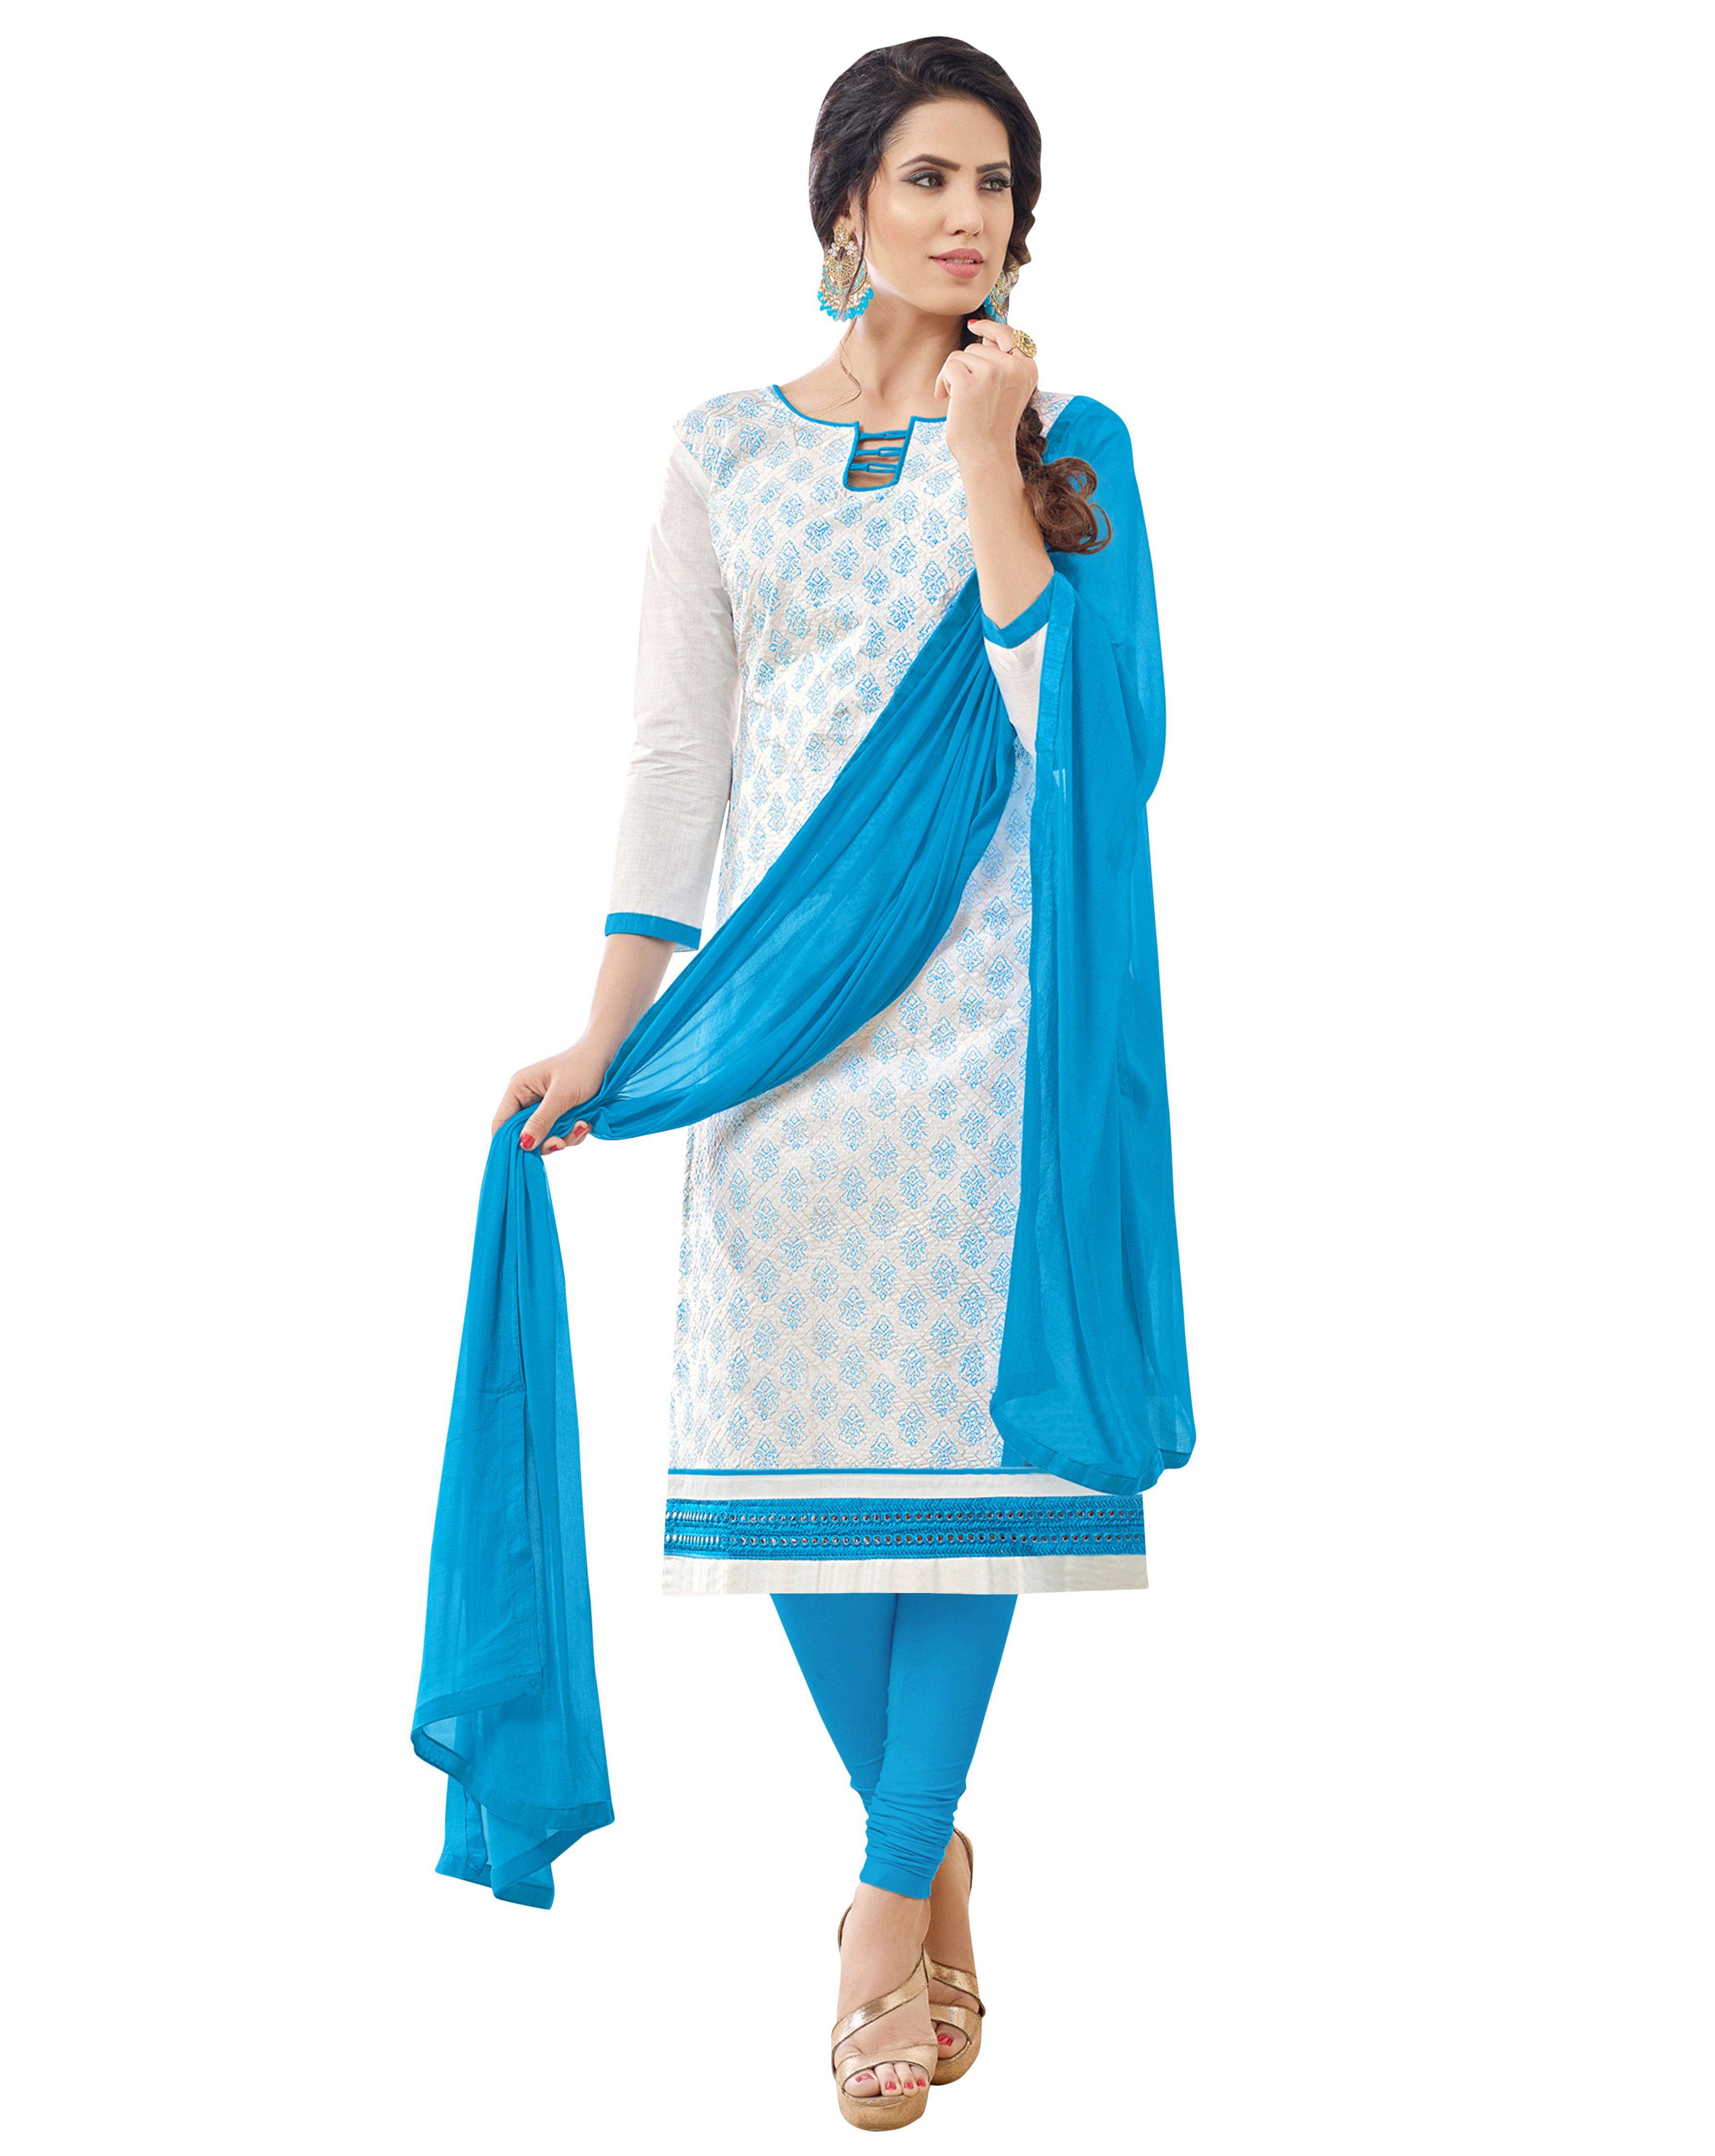 e0fa3fffbb Maroosh White and Blue Cotton Straight Semi-Stitched Suit - Buy Maroosh  White and Blue Cotton Straight Semi-Stitched Suit Online at Best Prices in  India on ...